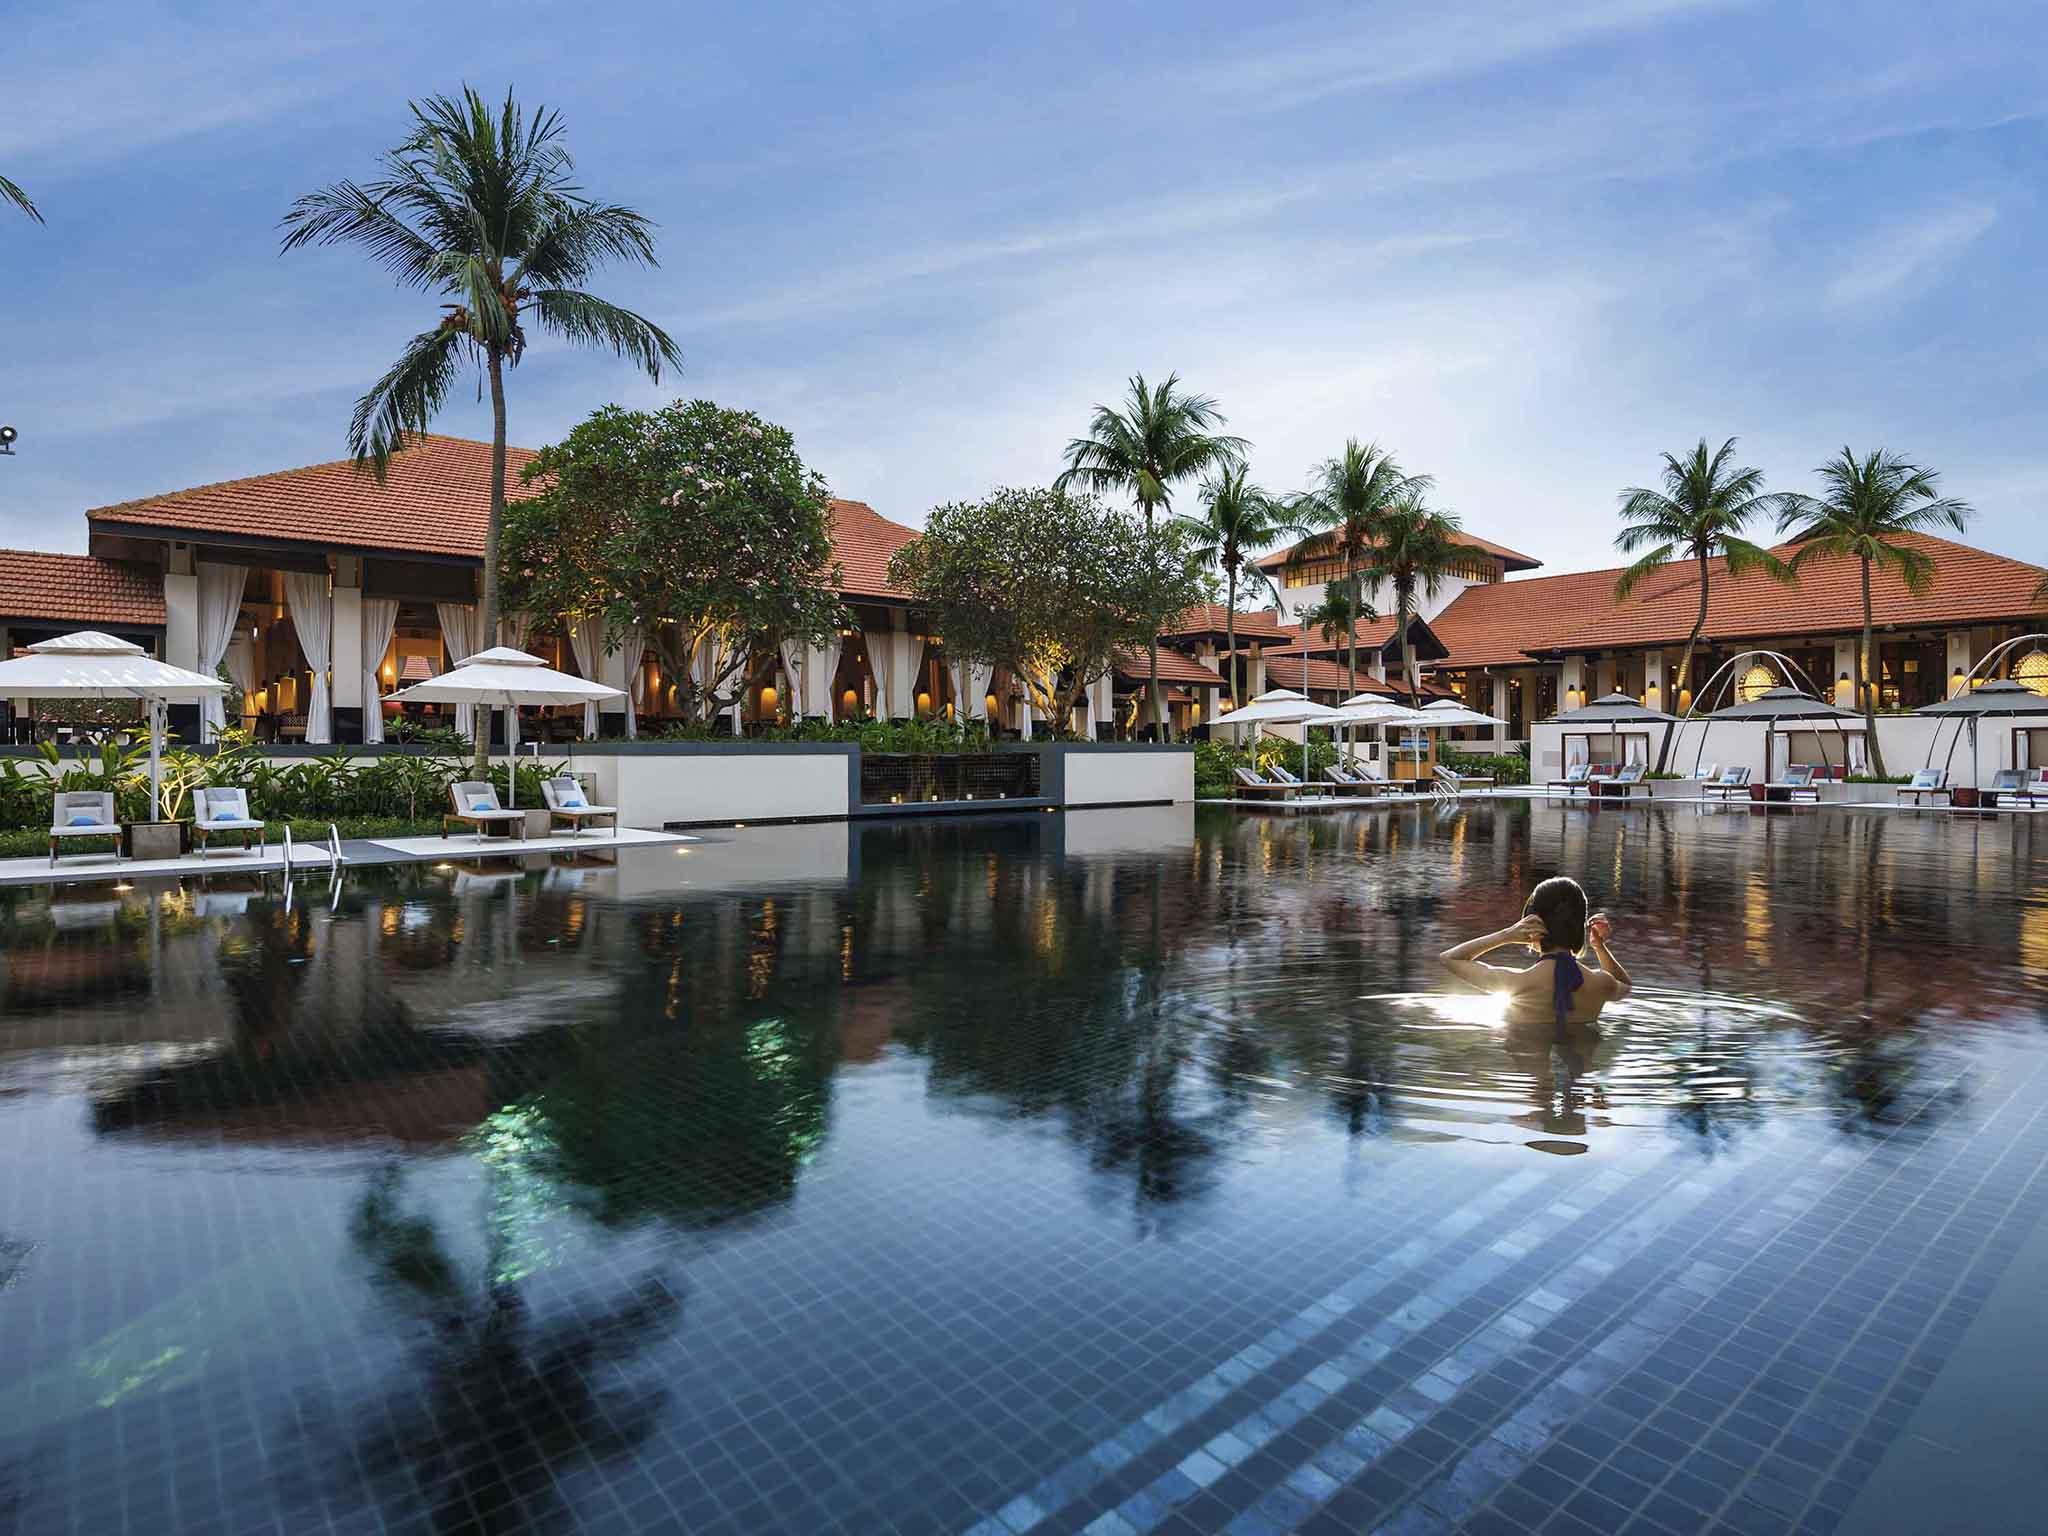 호텔 – 소피텔 싱가포르 센토사 섬 리조트 & 스파